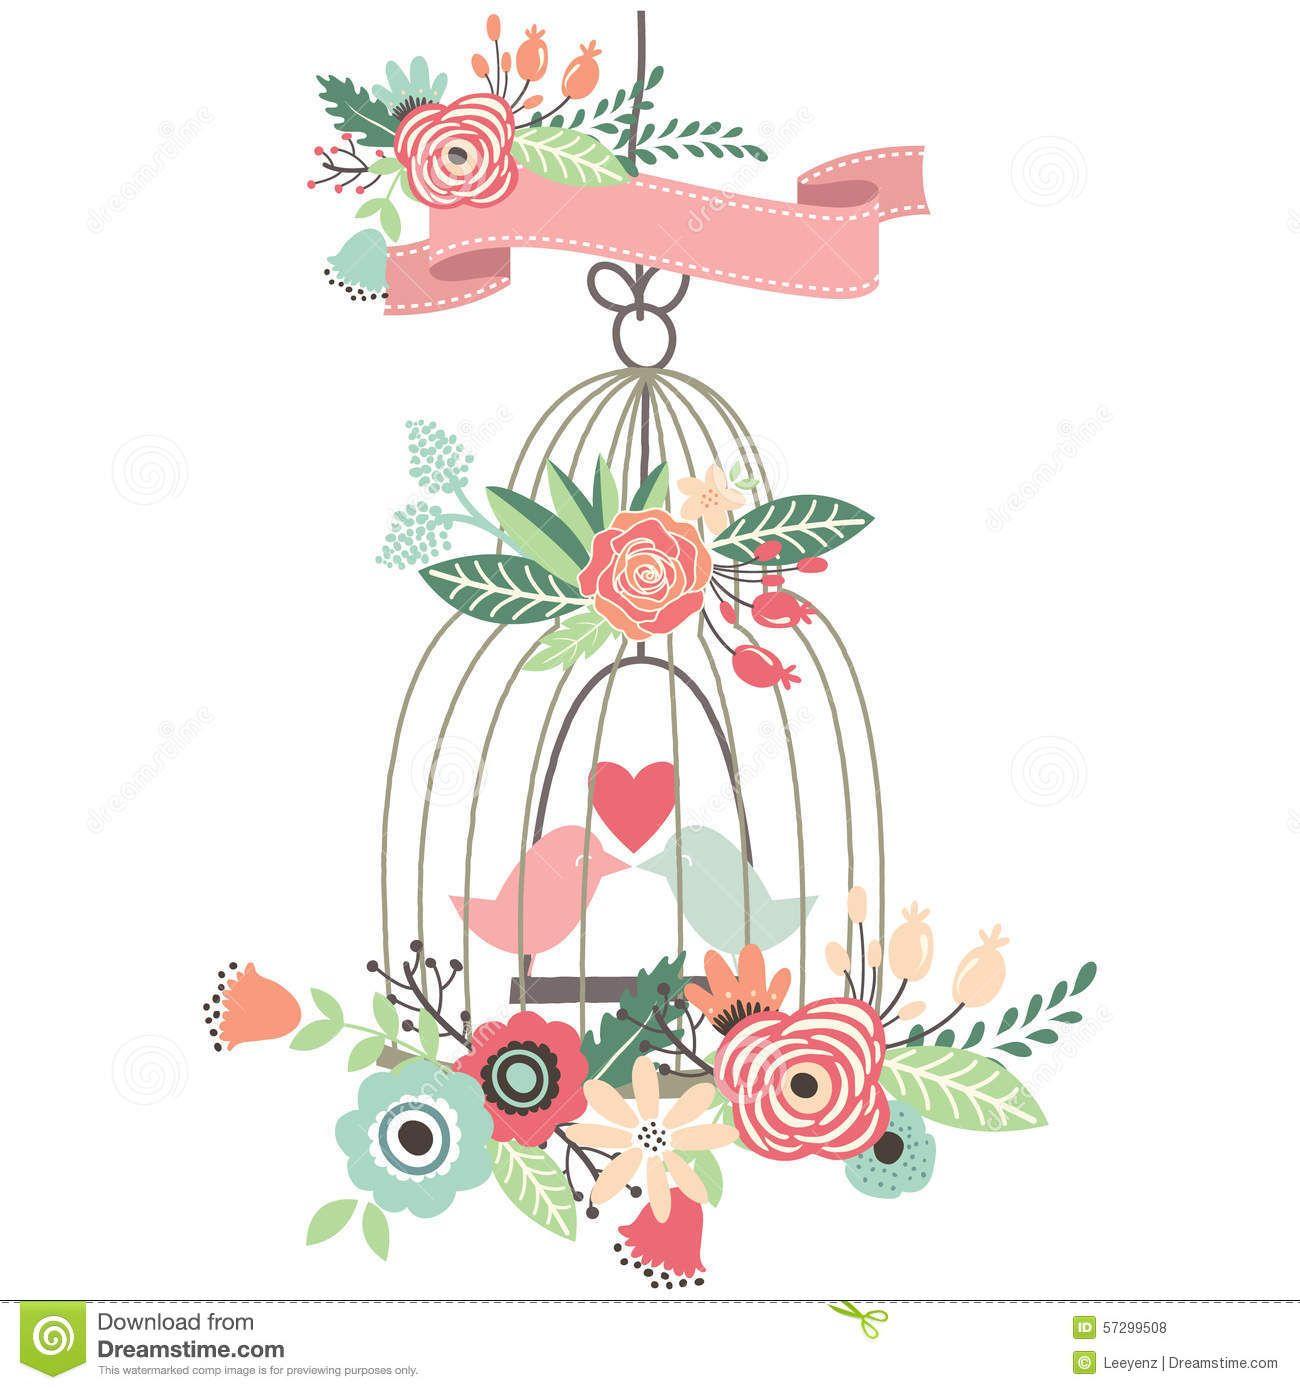 Cage clipart wedding. Vintage floral birdcage vector